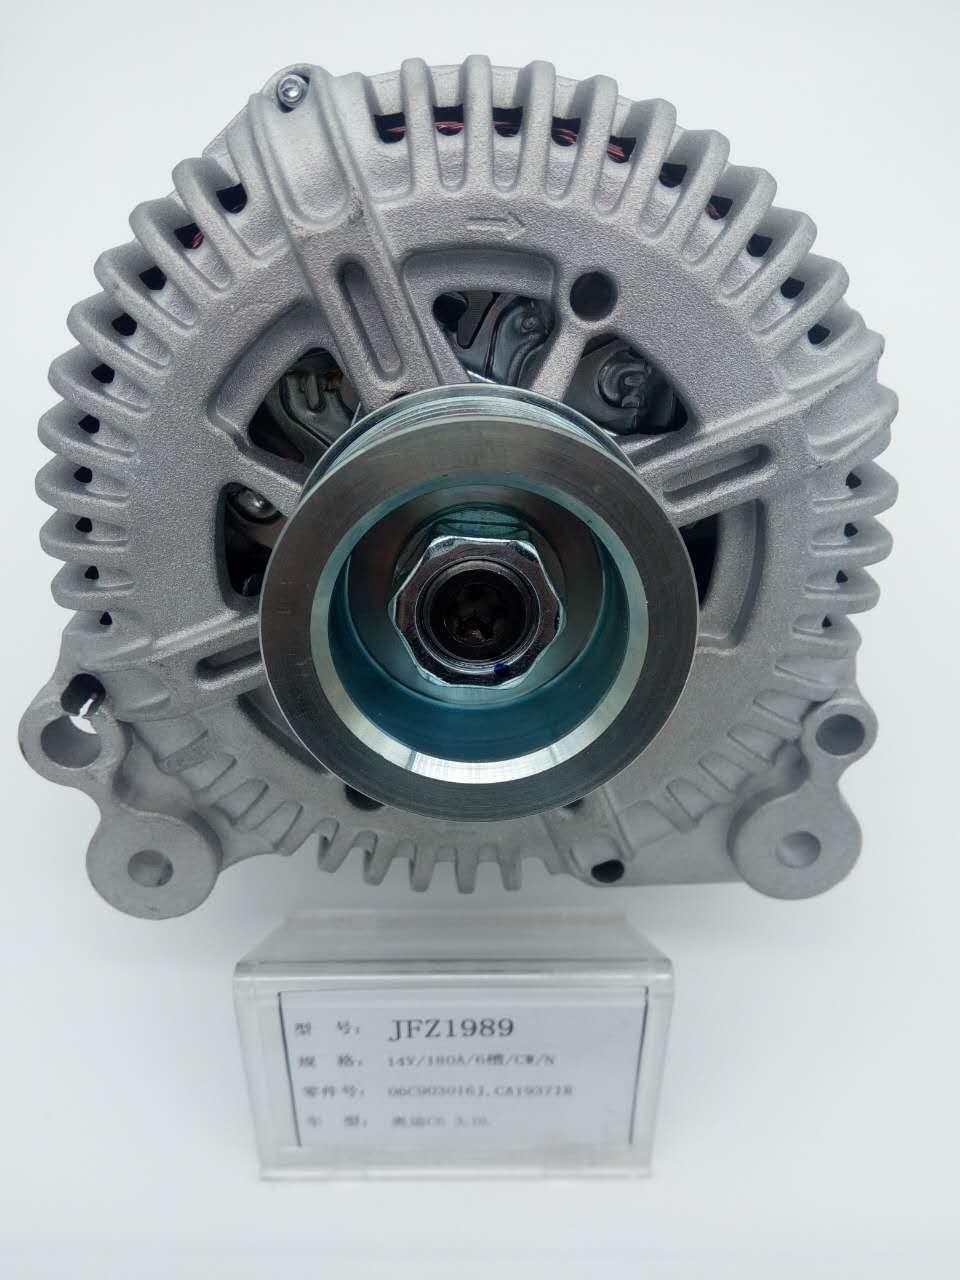 奥迪C6 3.0发电机-06C903016J-TG176022